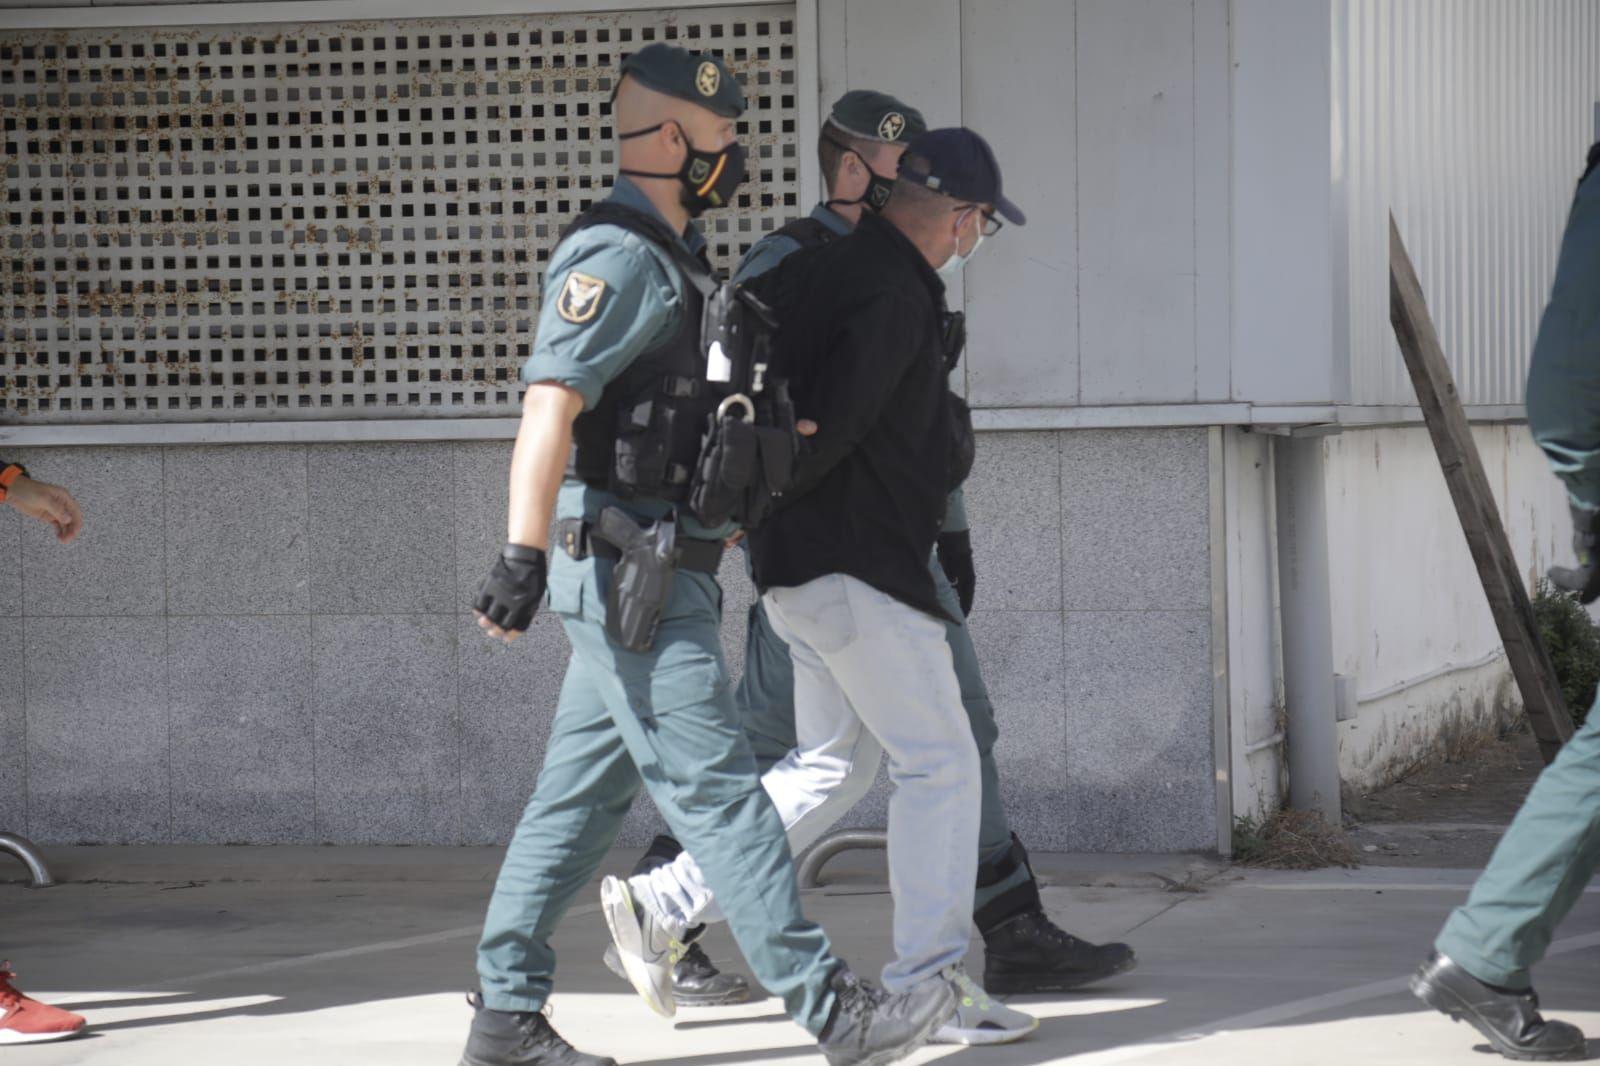 Operación conjunta de la Policía Nacional y la Guardia Civil contra una banda de ladrones de coches